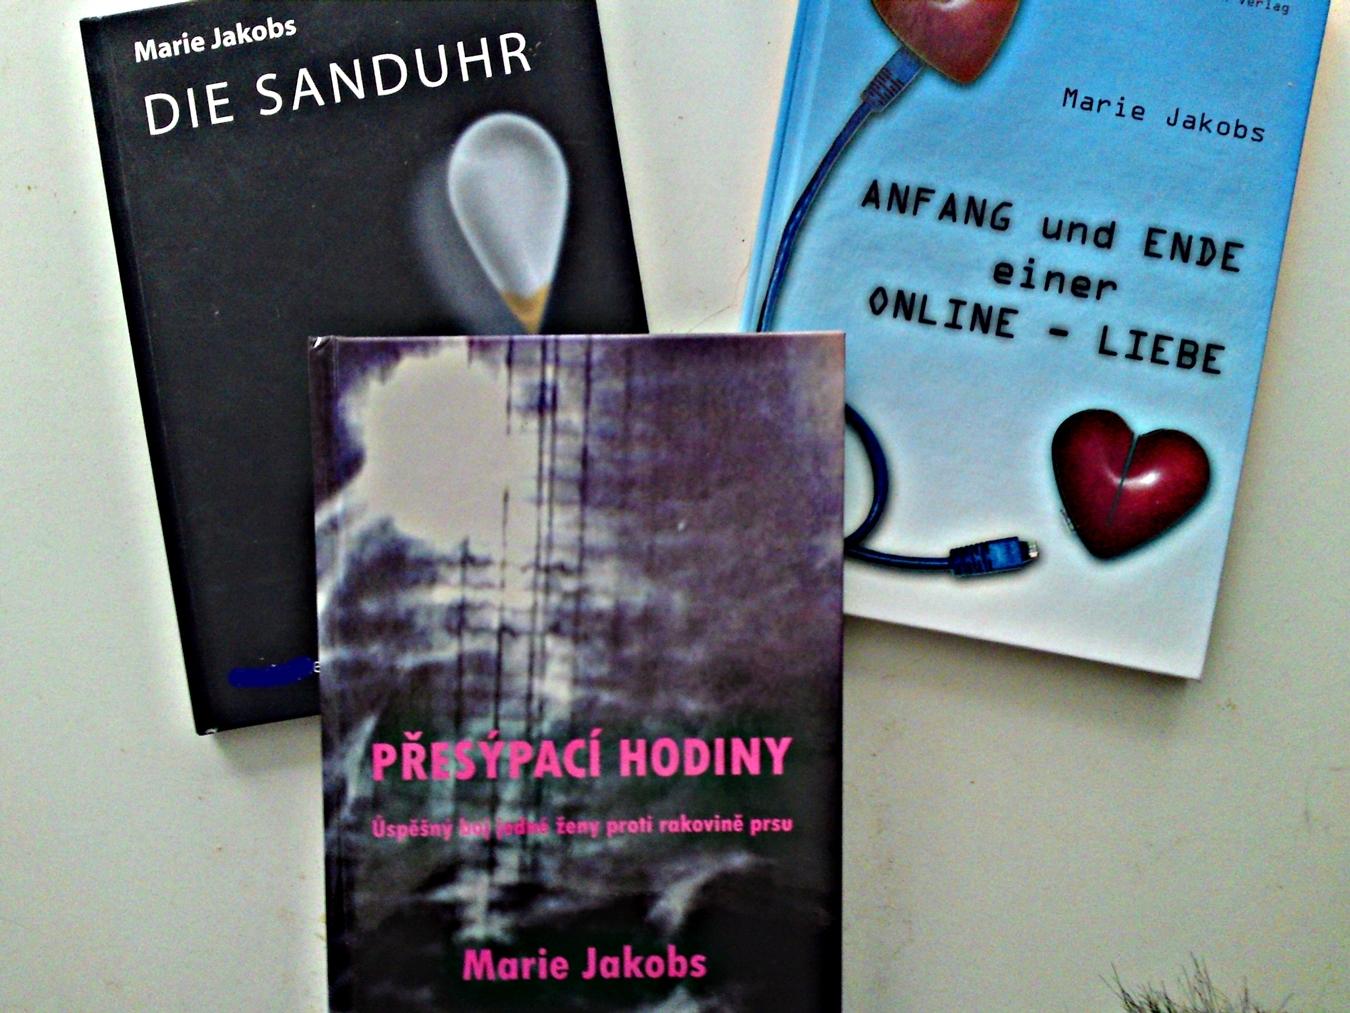 FÜR LANGE WINTERABENDE-ein Buch von Marie Jakobs